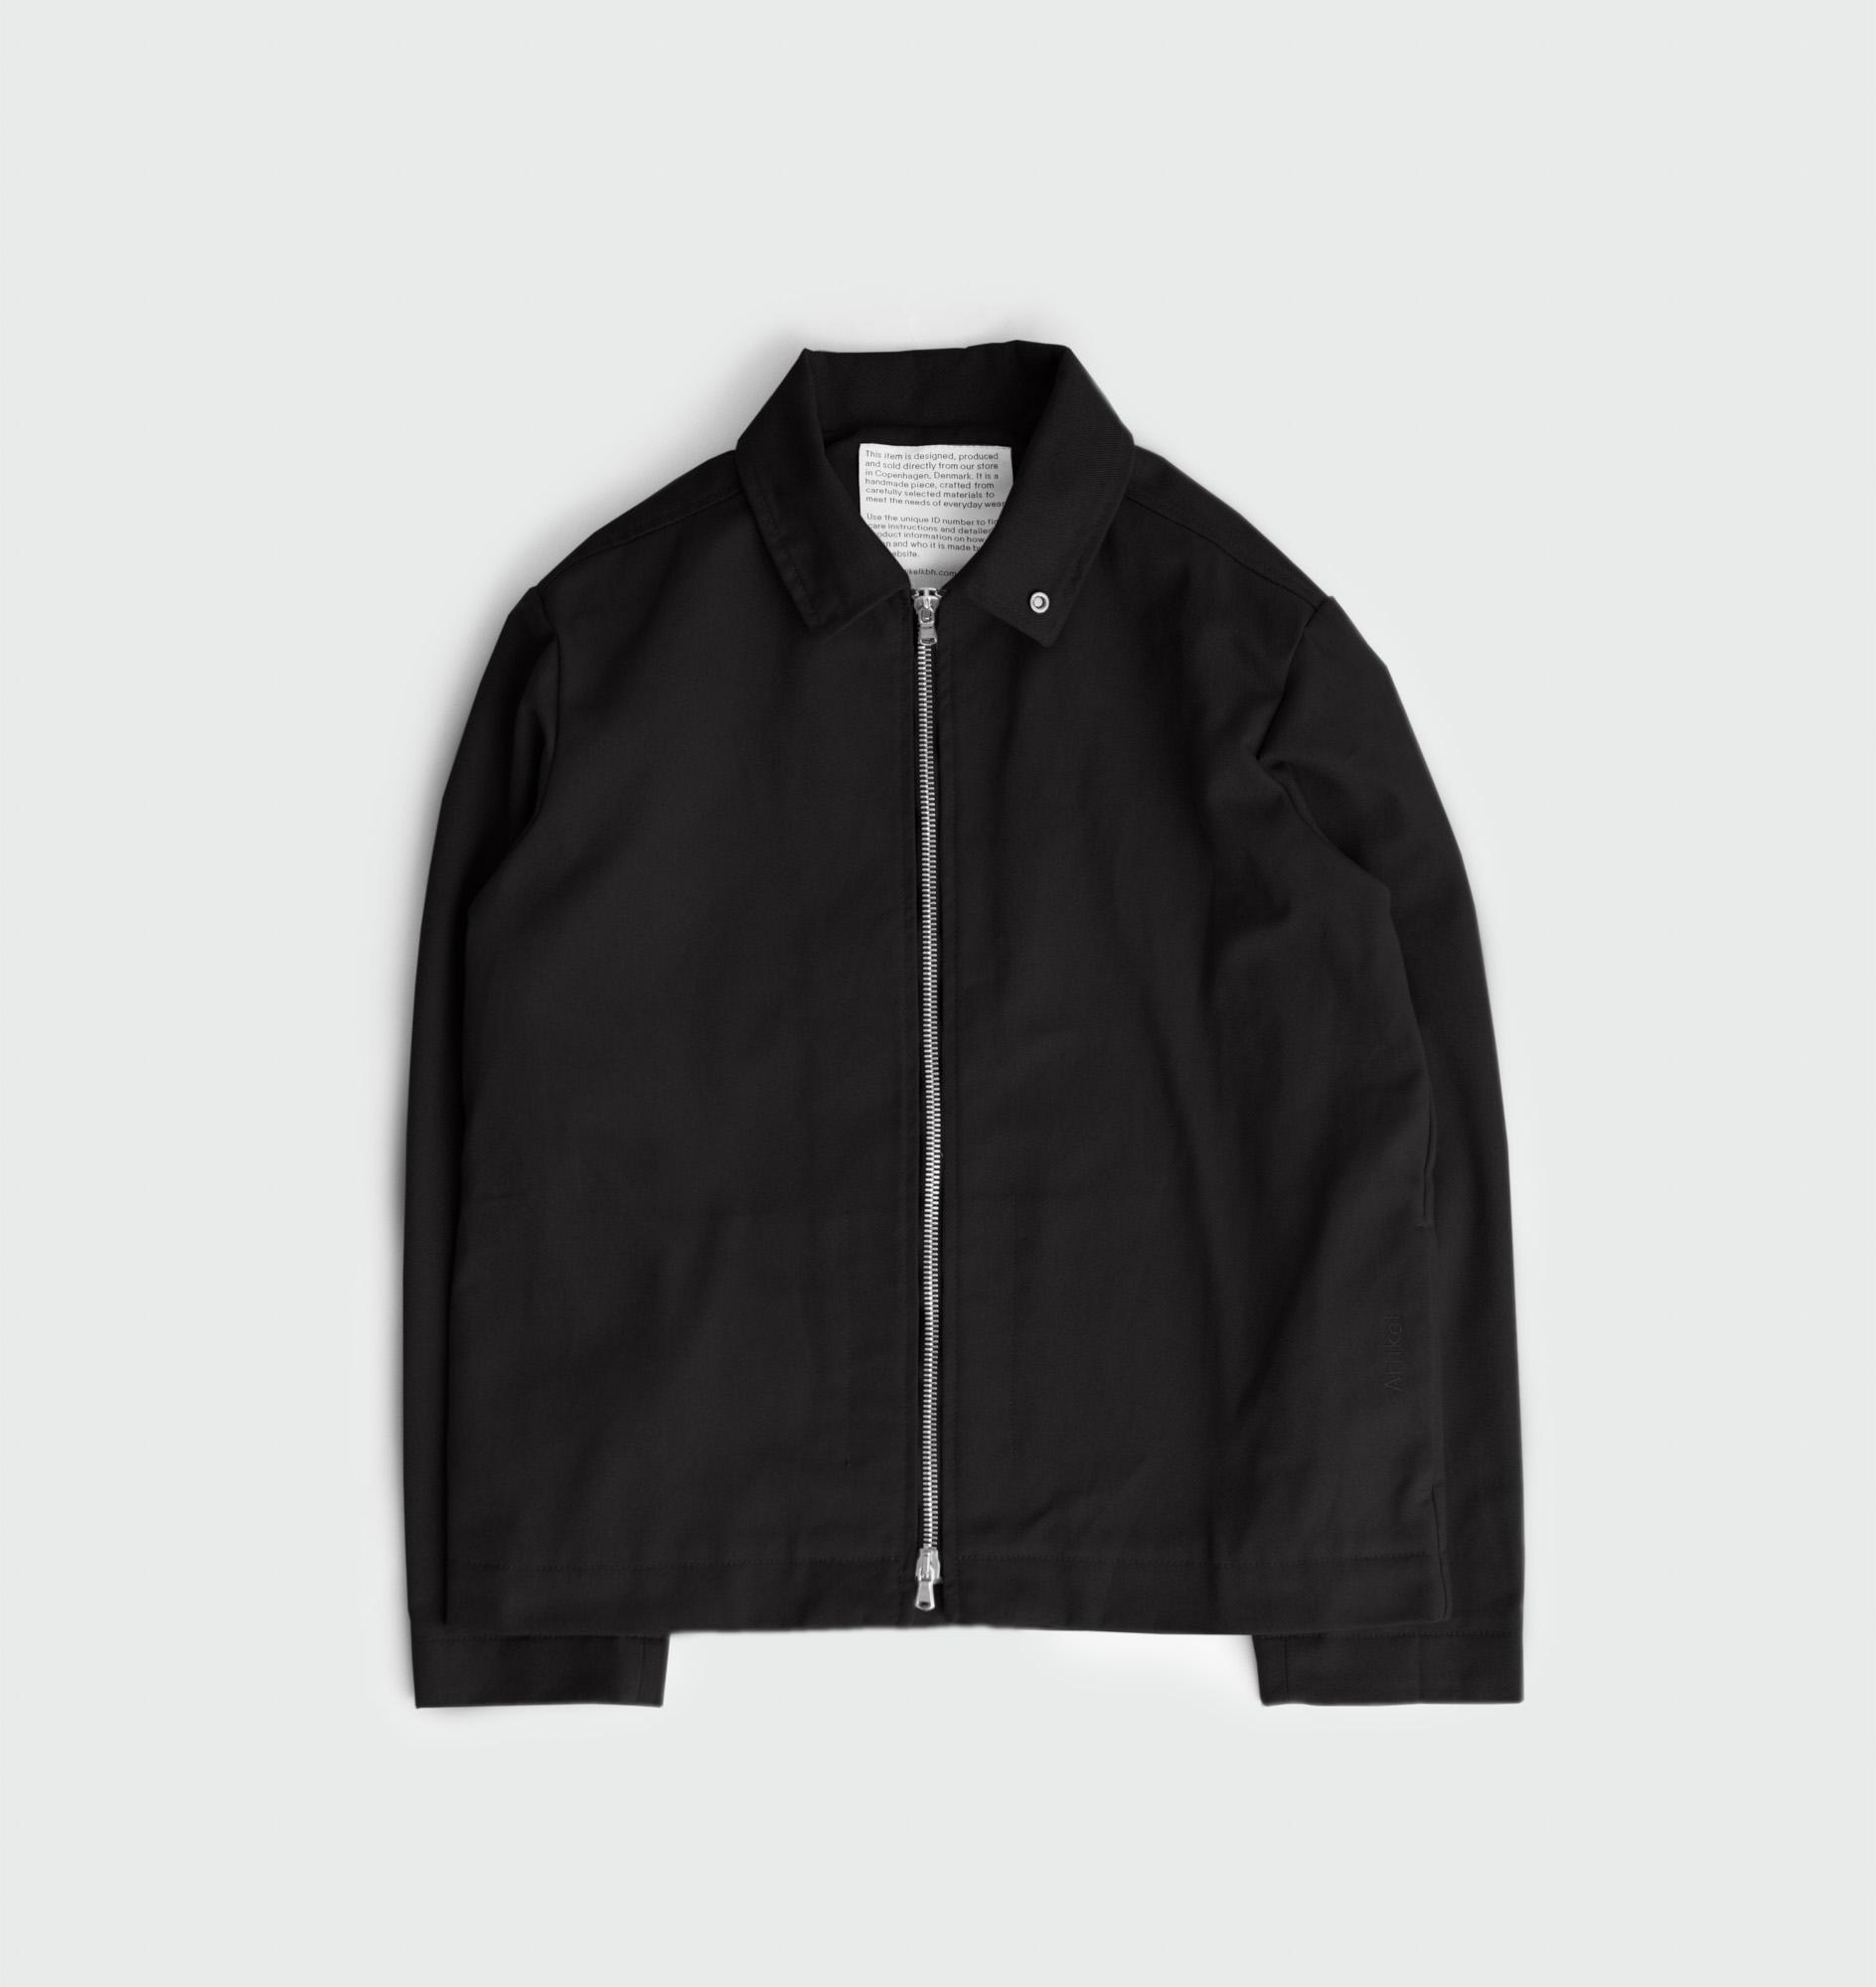 Twill jacket with zipper by Artikel København